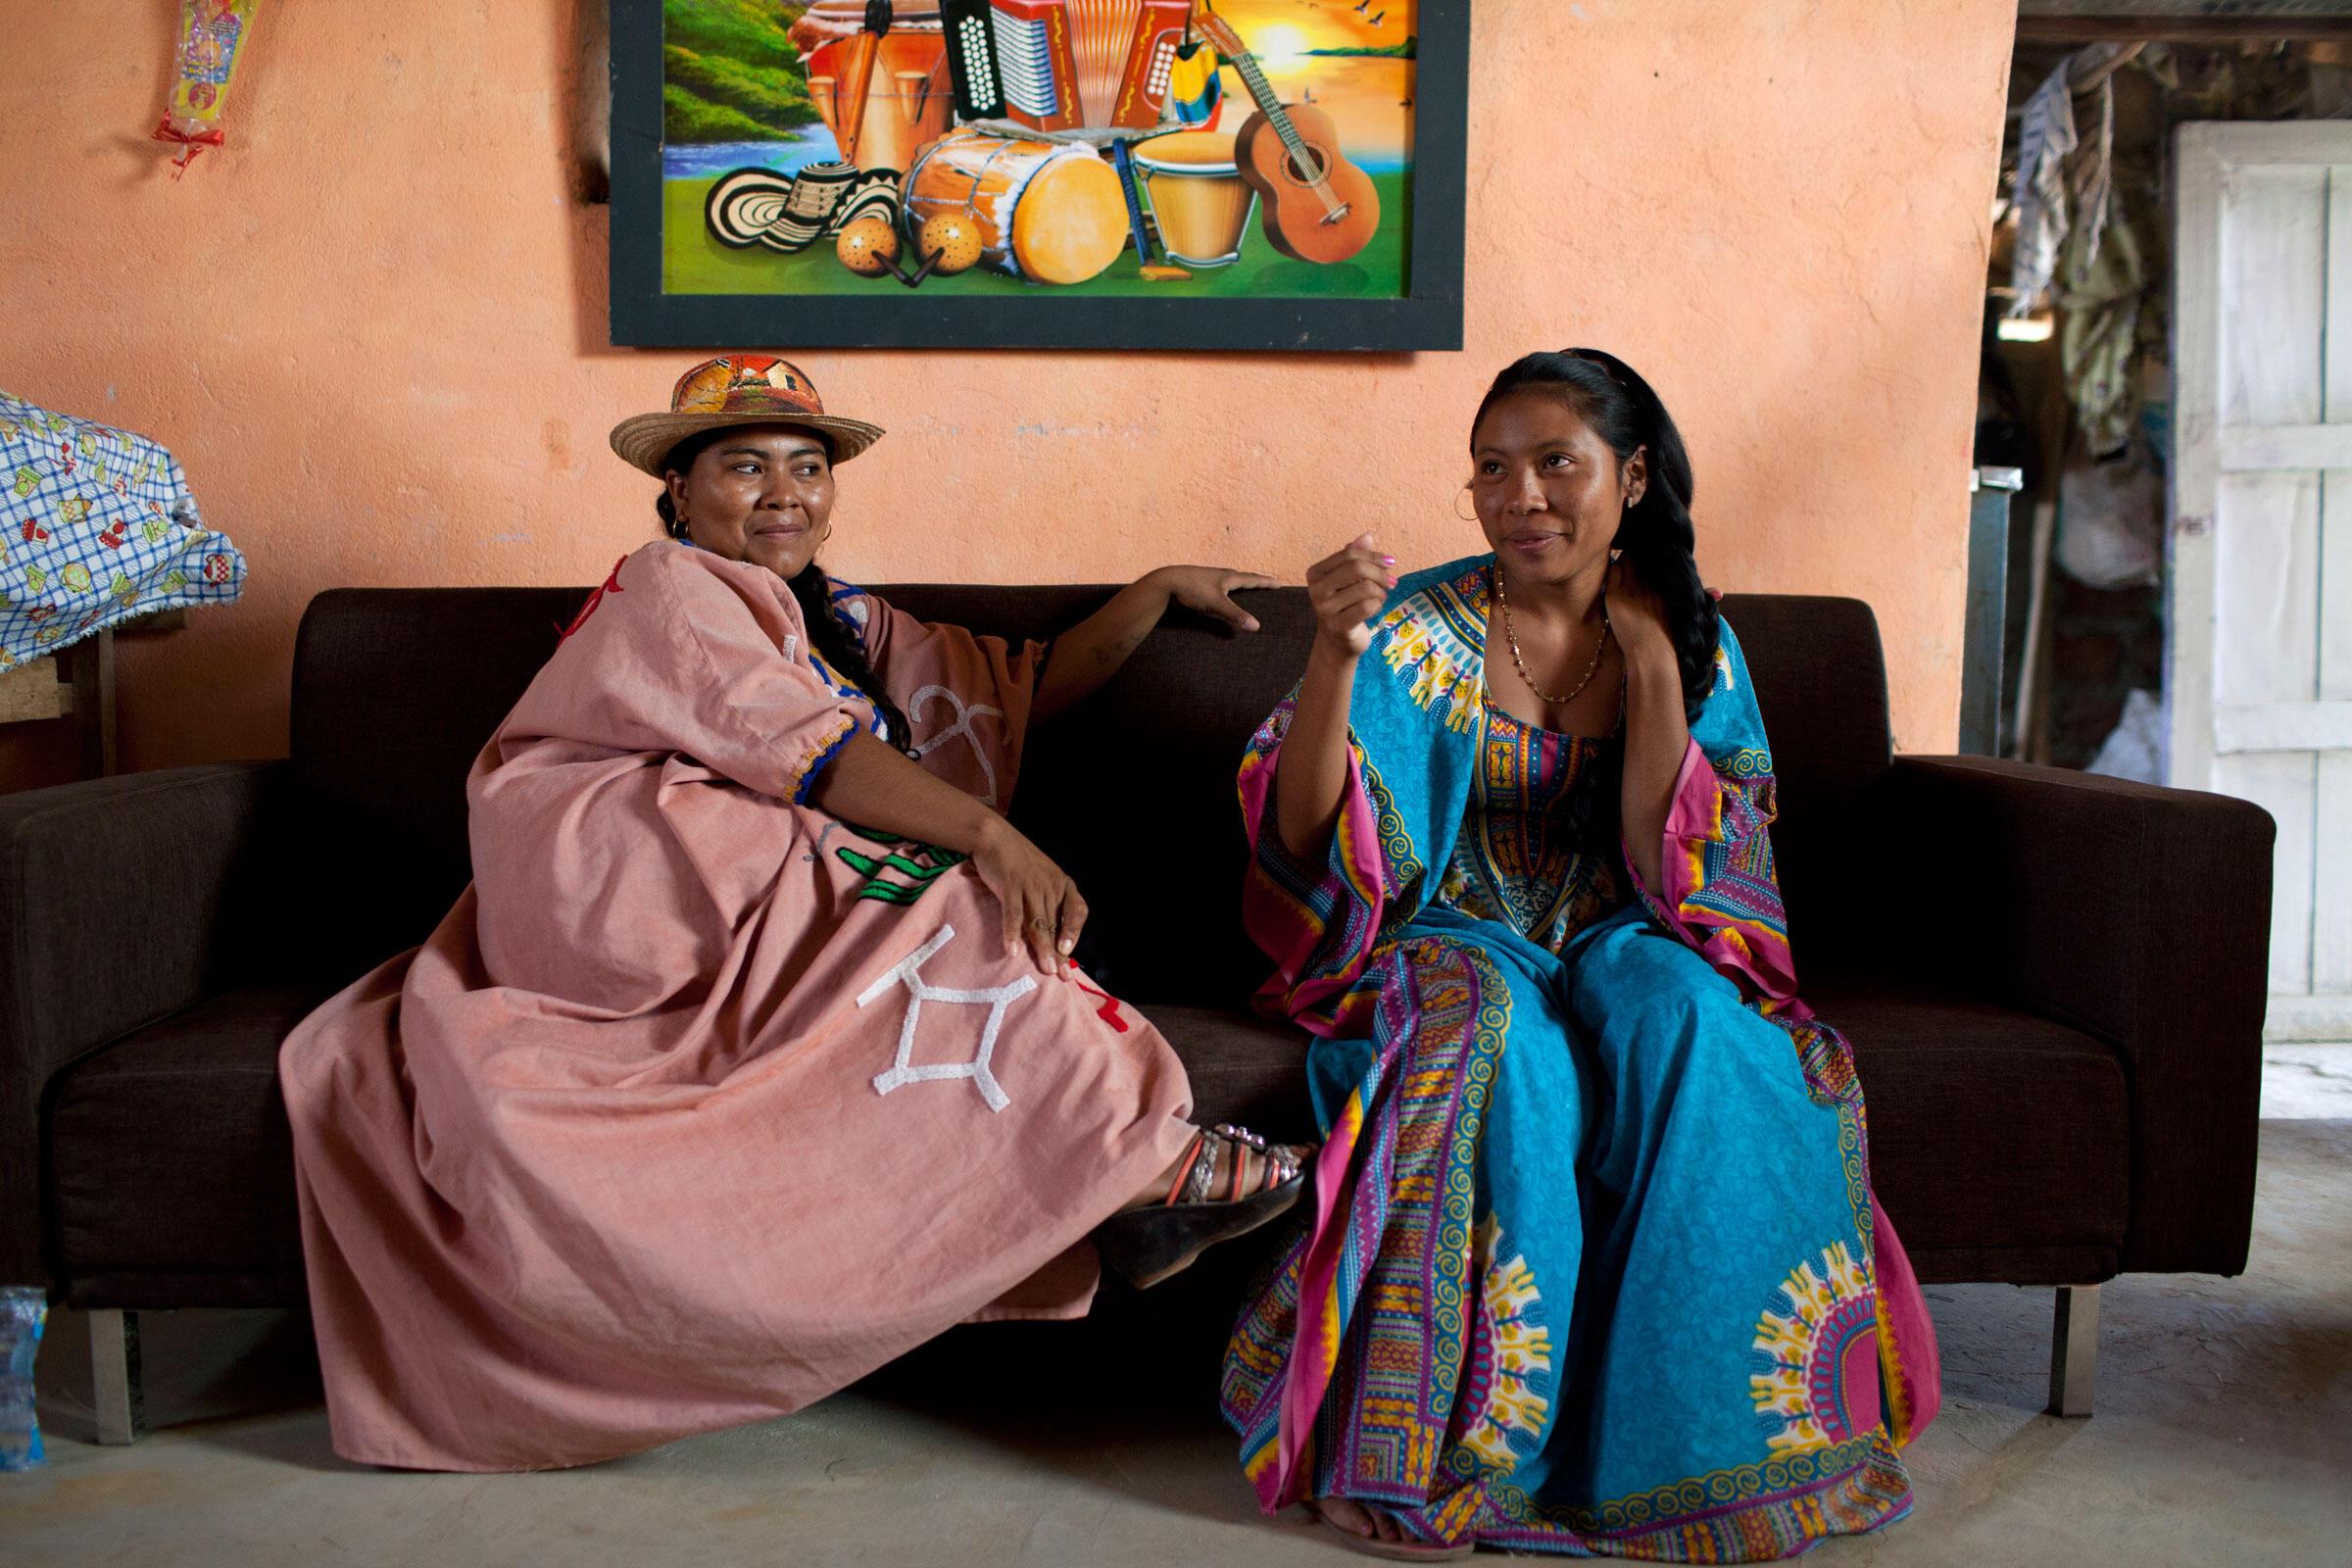 Los estudiantes para guía de aves de Audubon, Sandra María Uriana (izquierda) y Yerlis Pushaina (derecha), en una típica casa wayúu en el Santuario Los Flamencos en La Guajira. Carlos Villalón